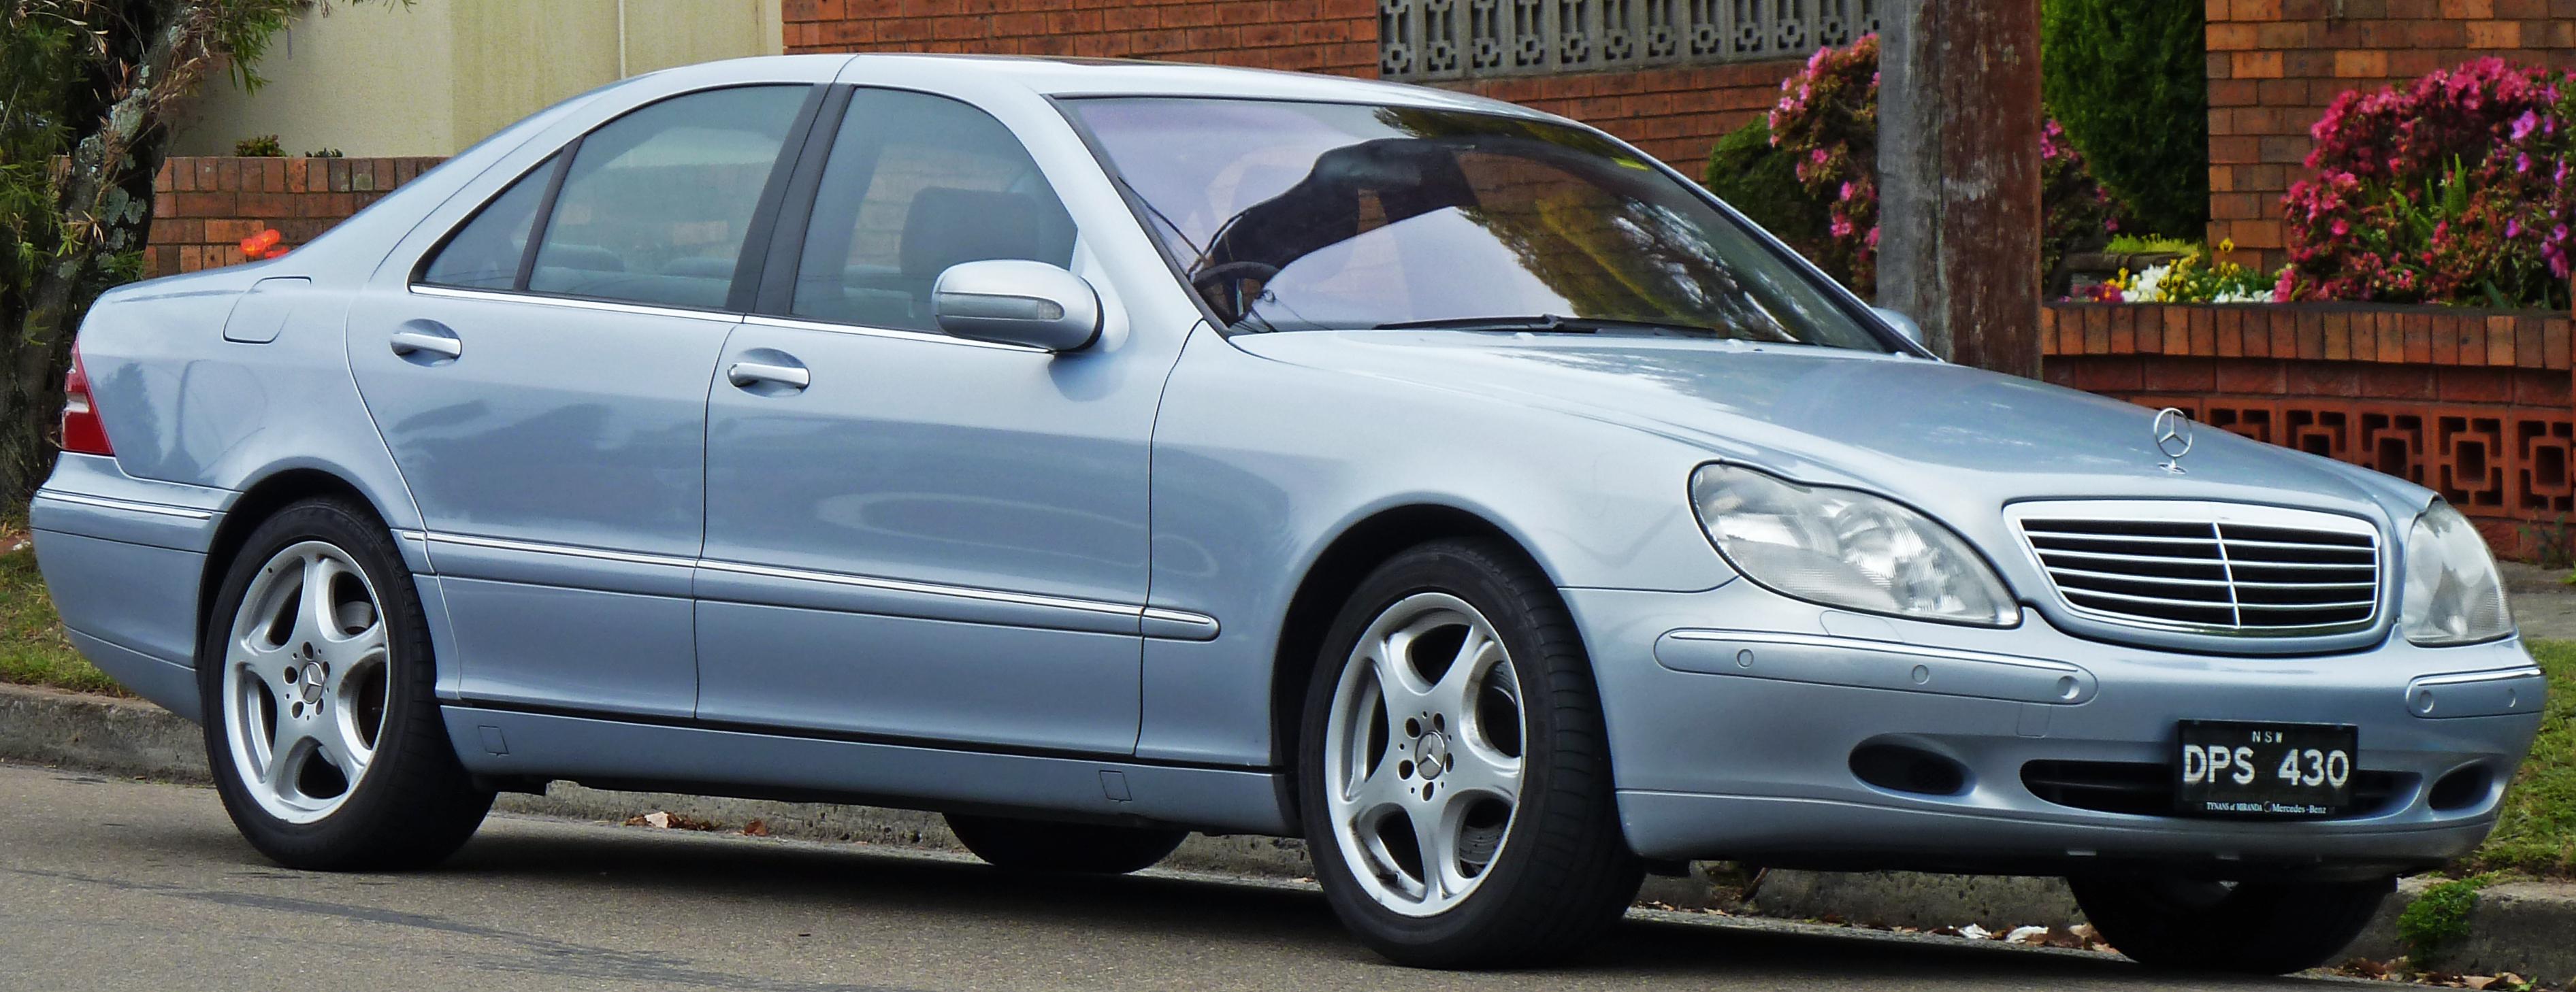 2001_Mercedes-Benz_S_430_(W_220)_sedan_(